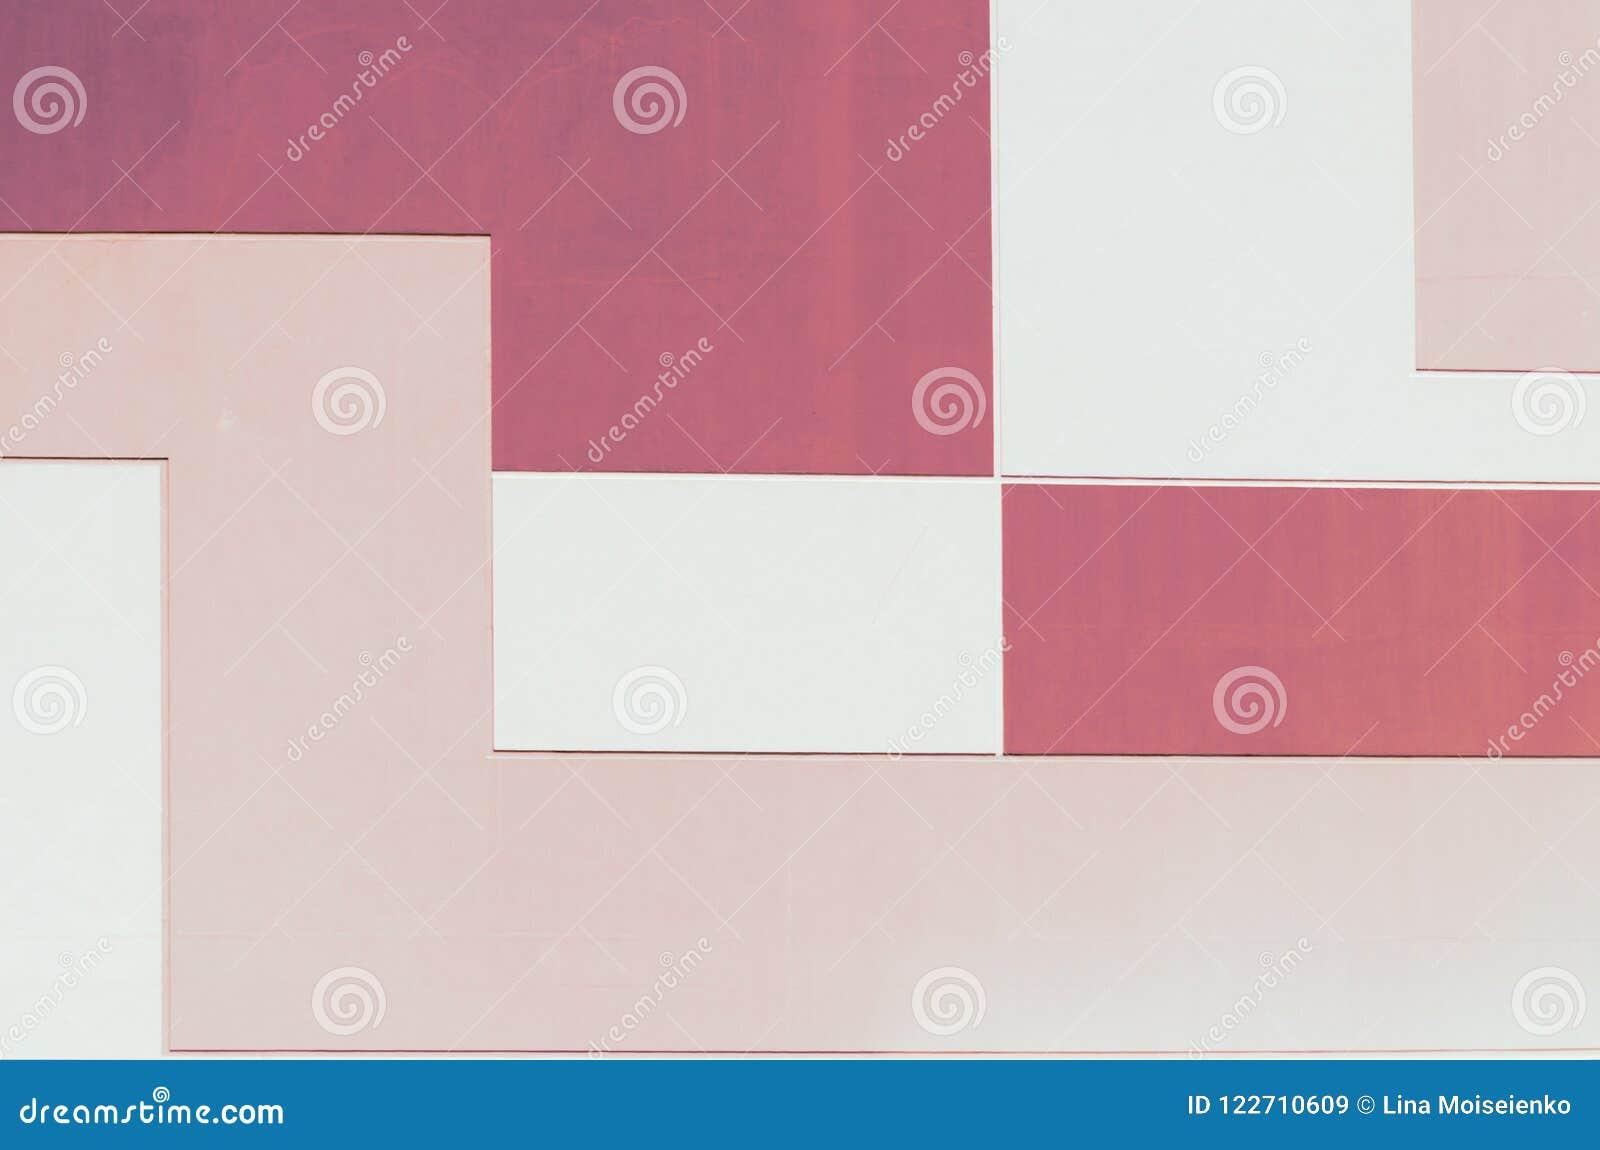 Wand in Pastell zwei färben, geometrischer abstrakter Hintergrund, rechteckige Form